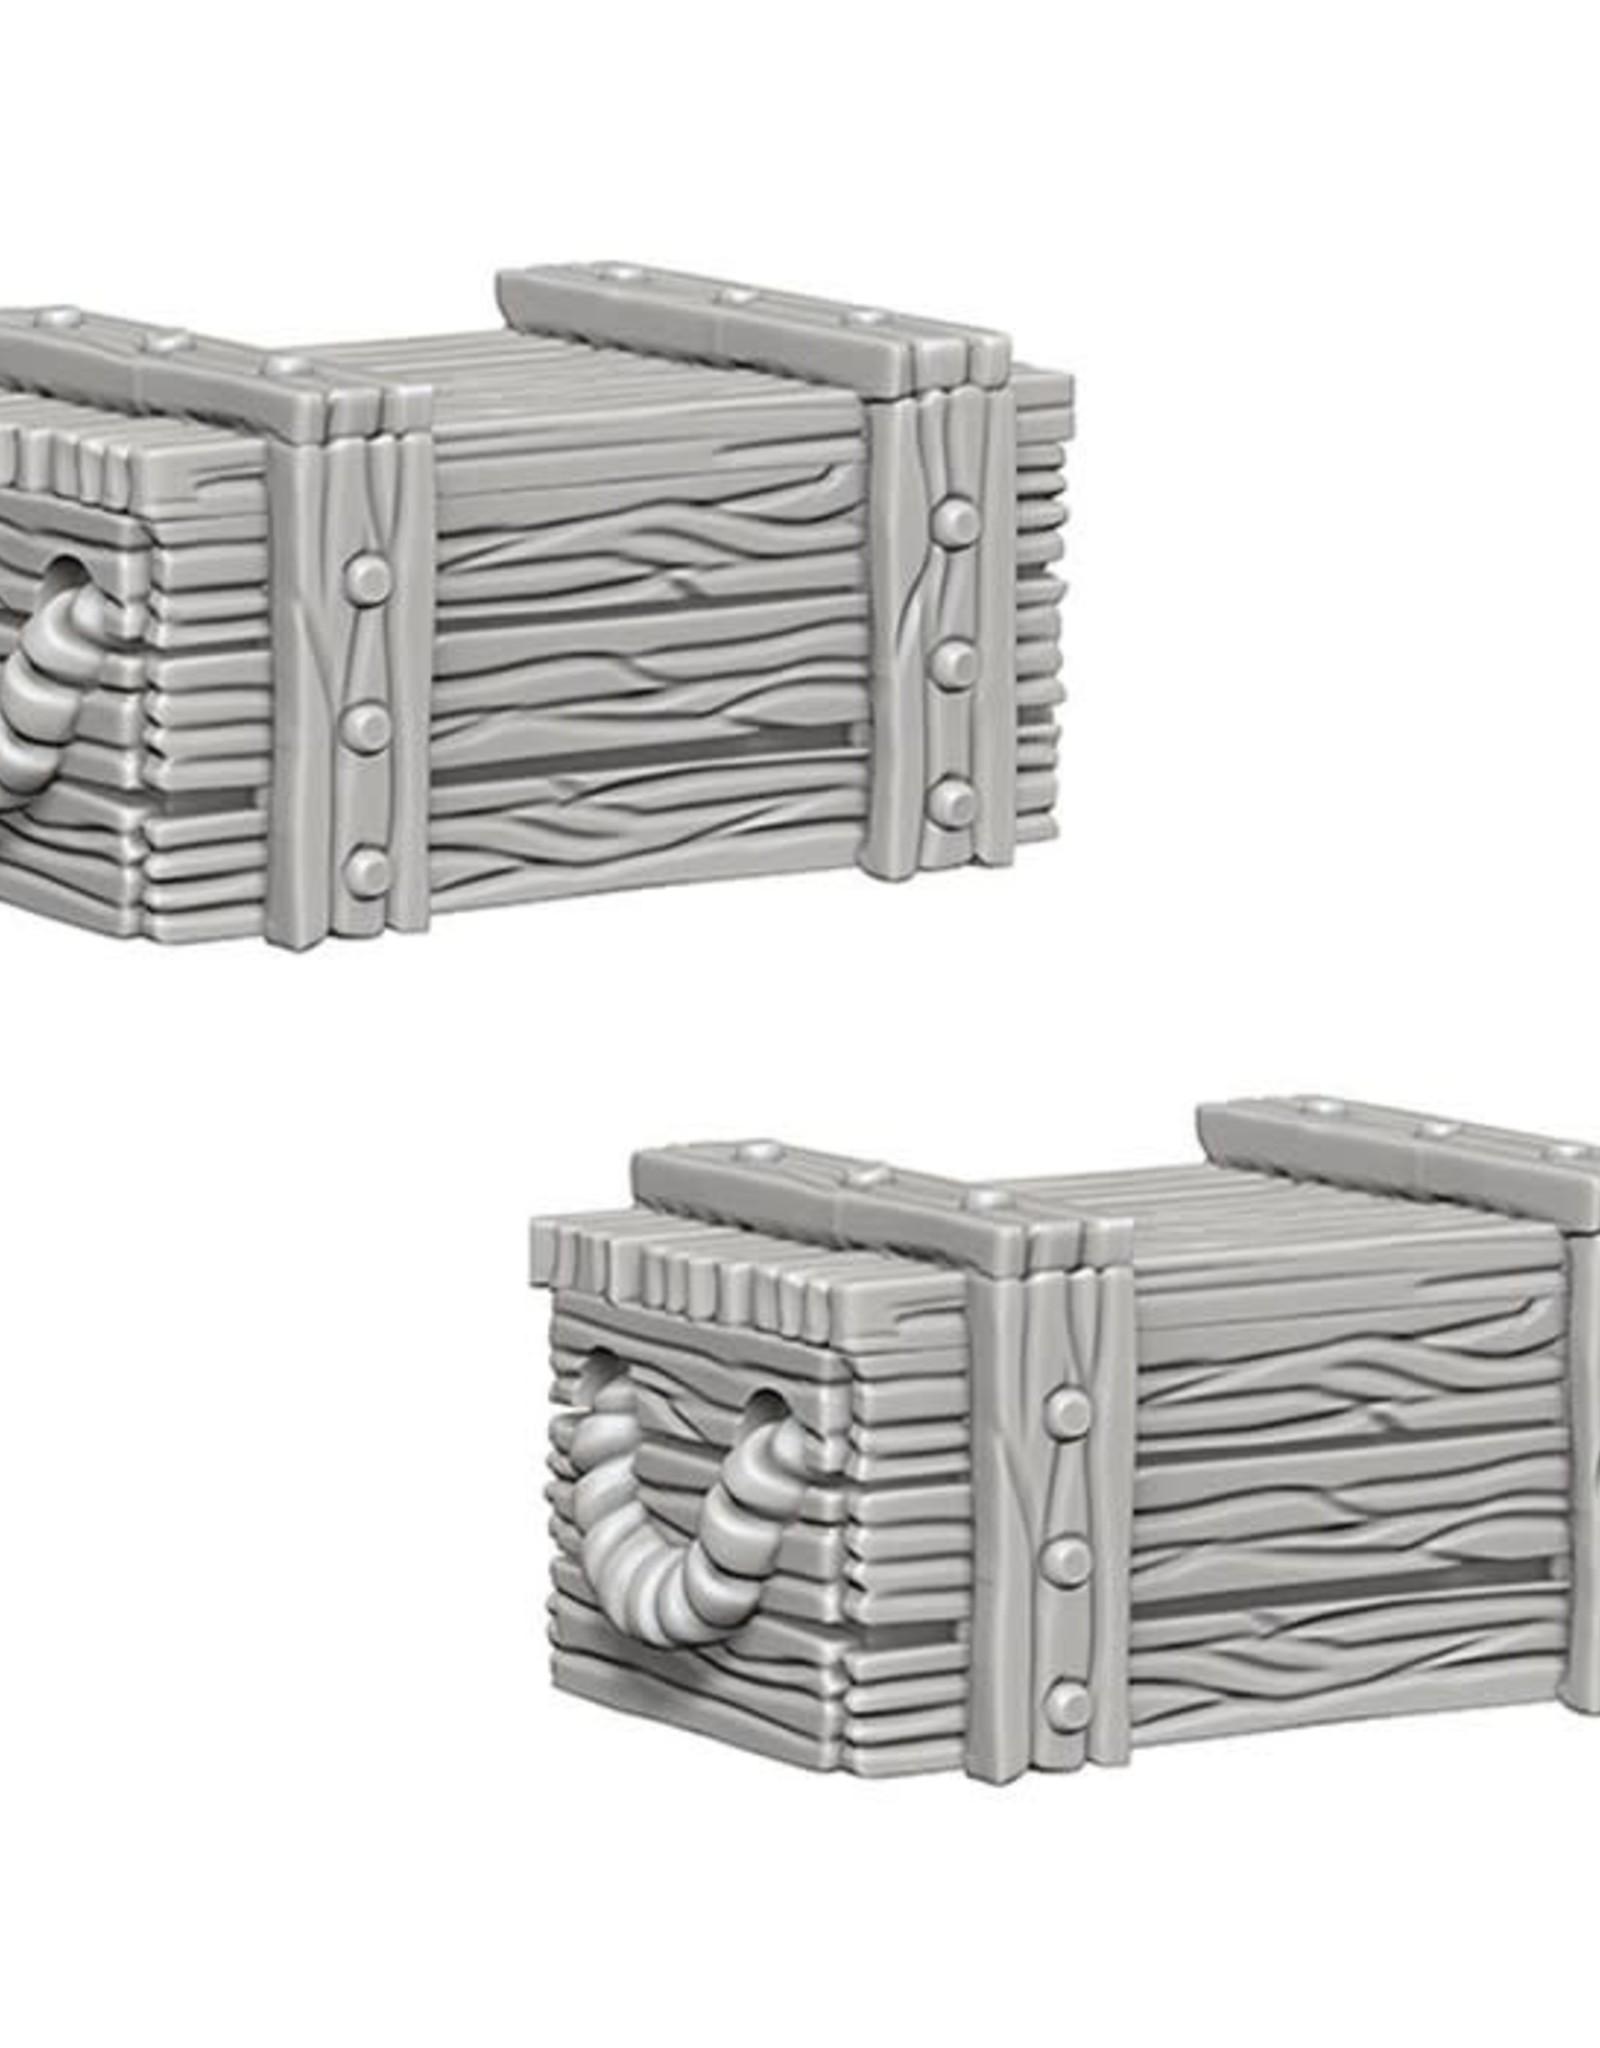 WizKids Deep Cuts Crates